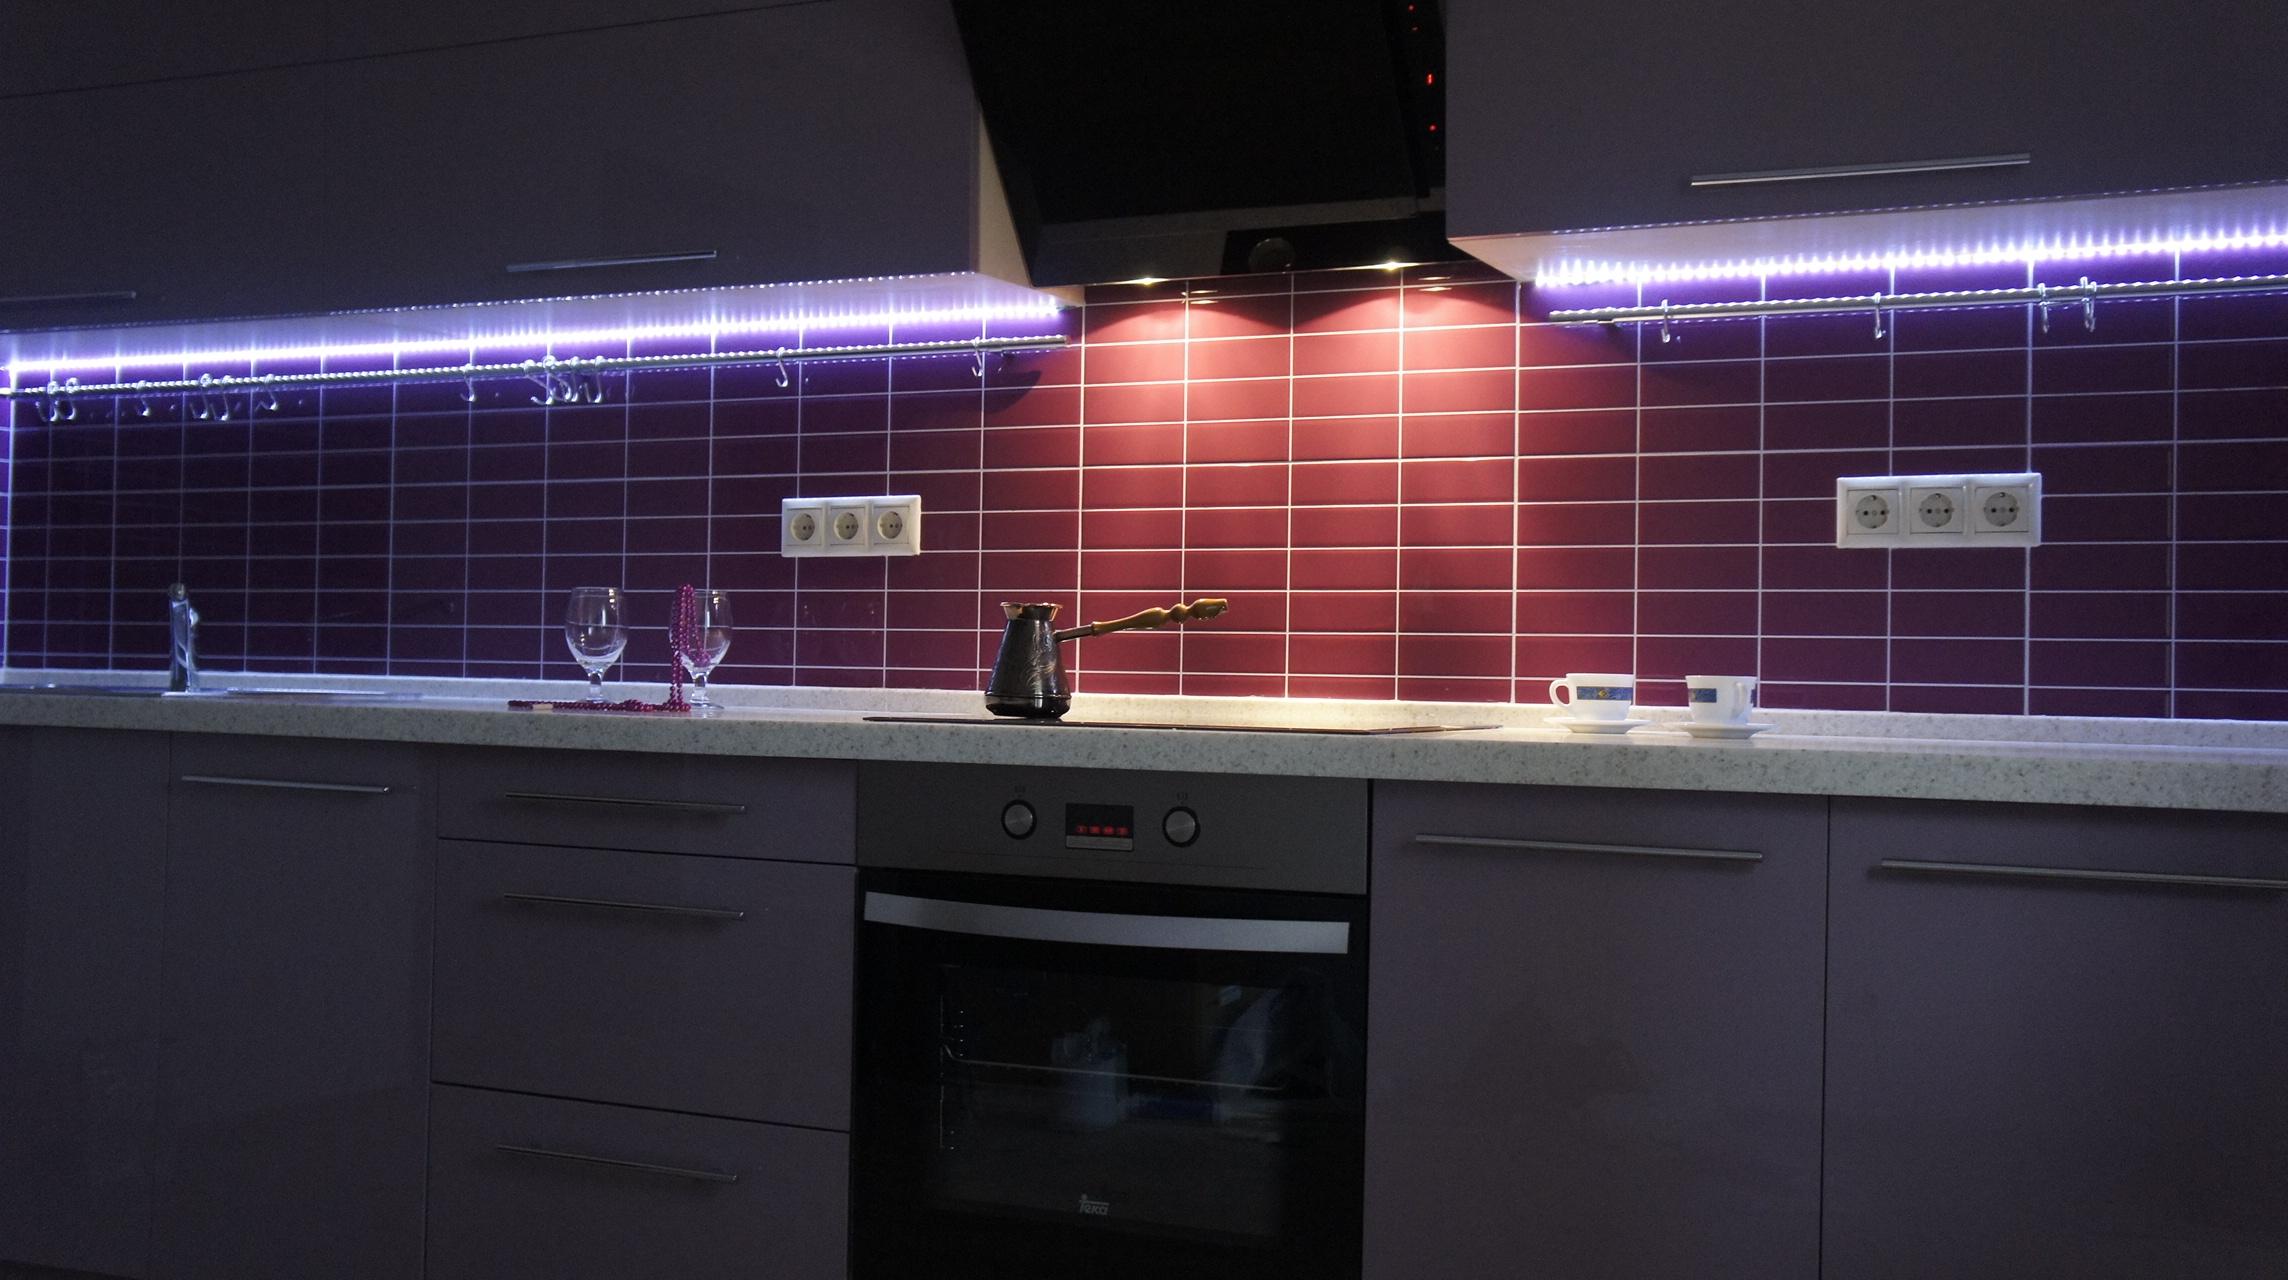 Светодиодная подсветка в кухонной вытяжке